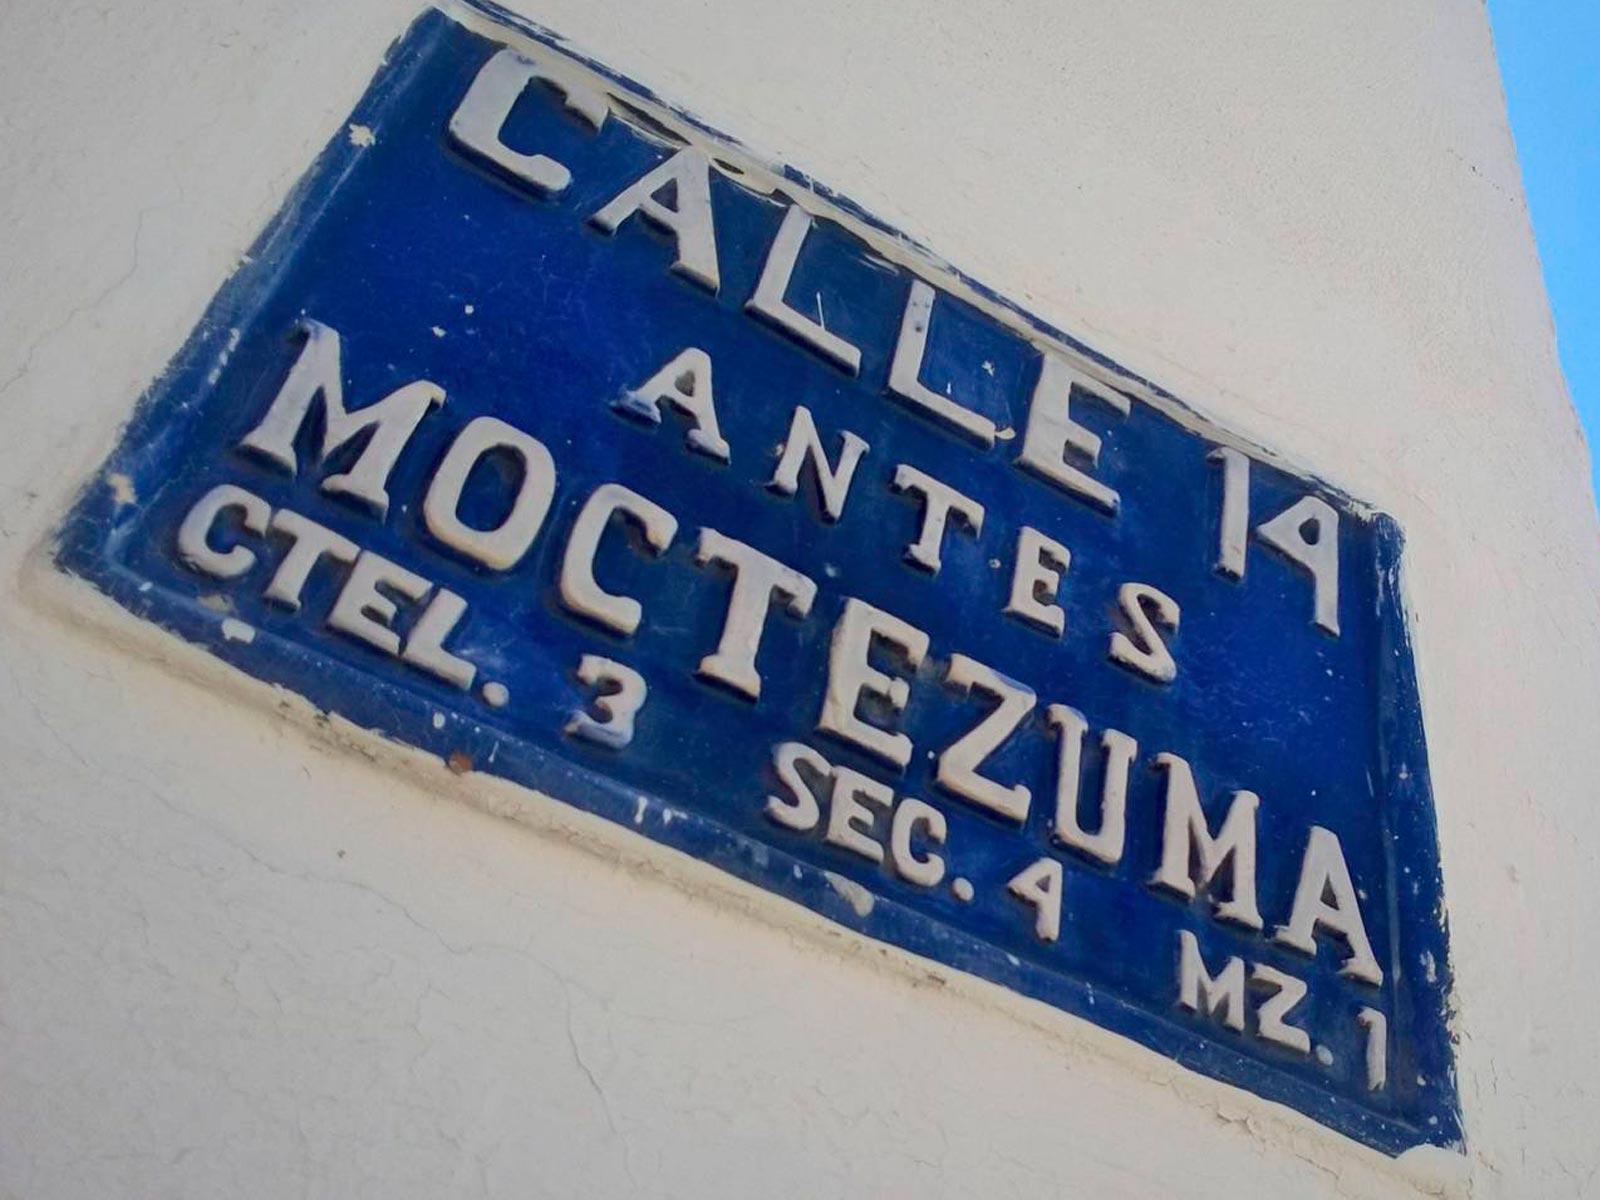 Messico-mexico-calle-moctezuma-chiapas